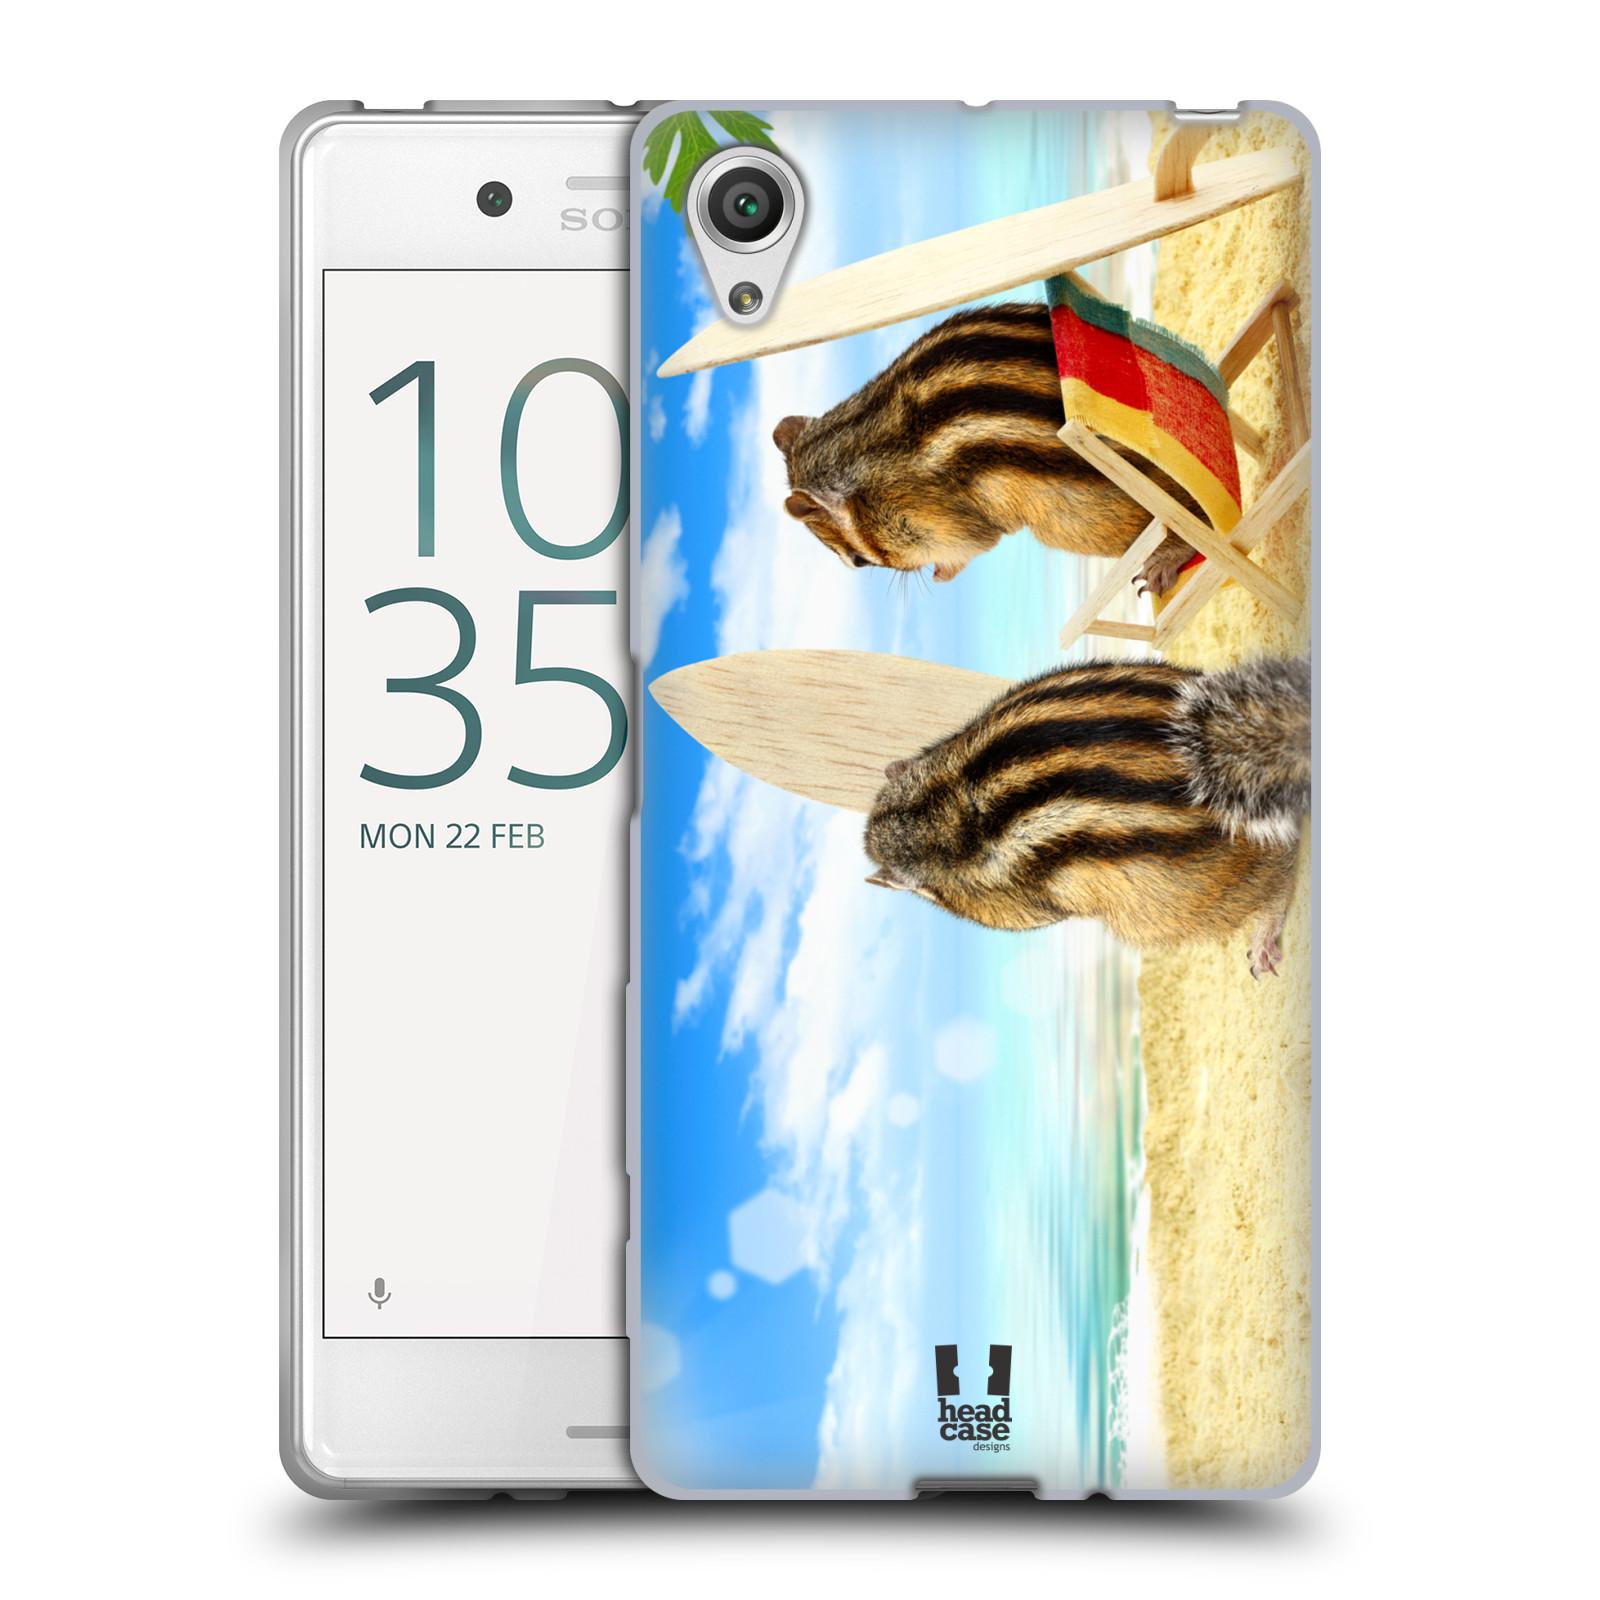 HEAD CASE silikonový obal na mobil Sony Xperia X / X DUAL vzor Legrační zvířátka veverky surfaři u moře